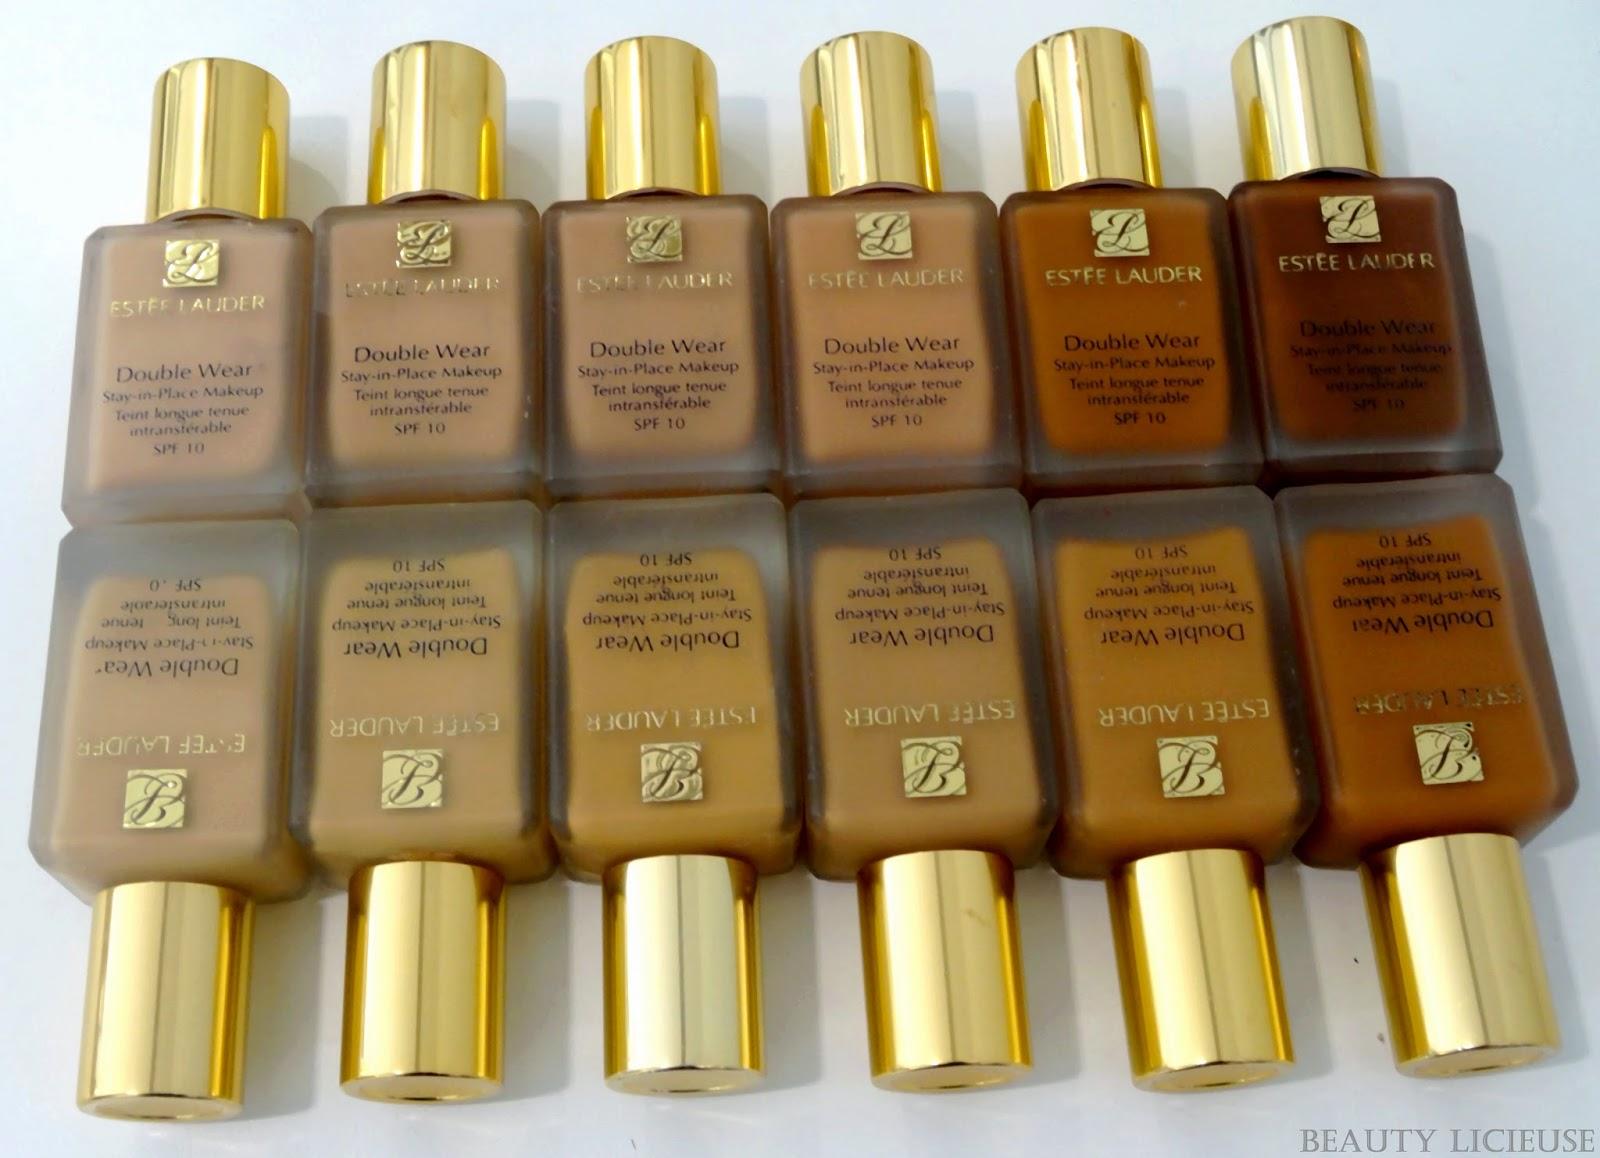 Beauty Tips] - Fond de teint doré, rosé ou neutre...comment définir ...